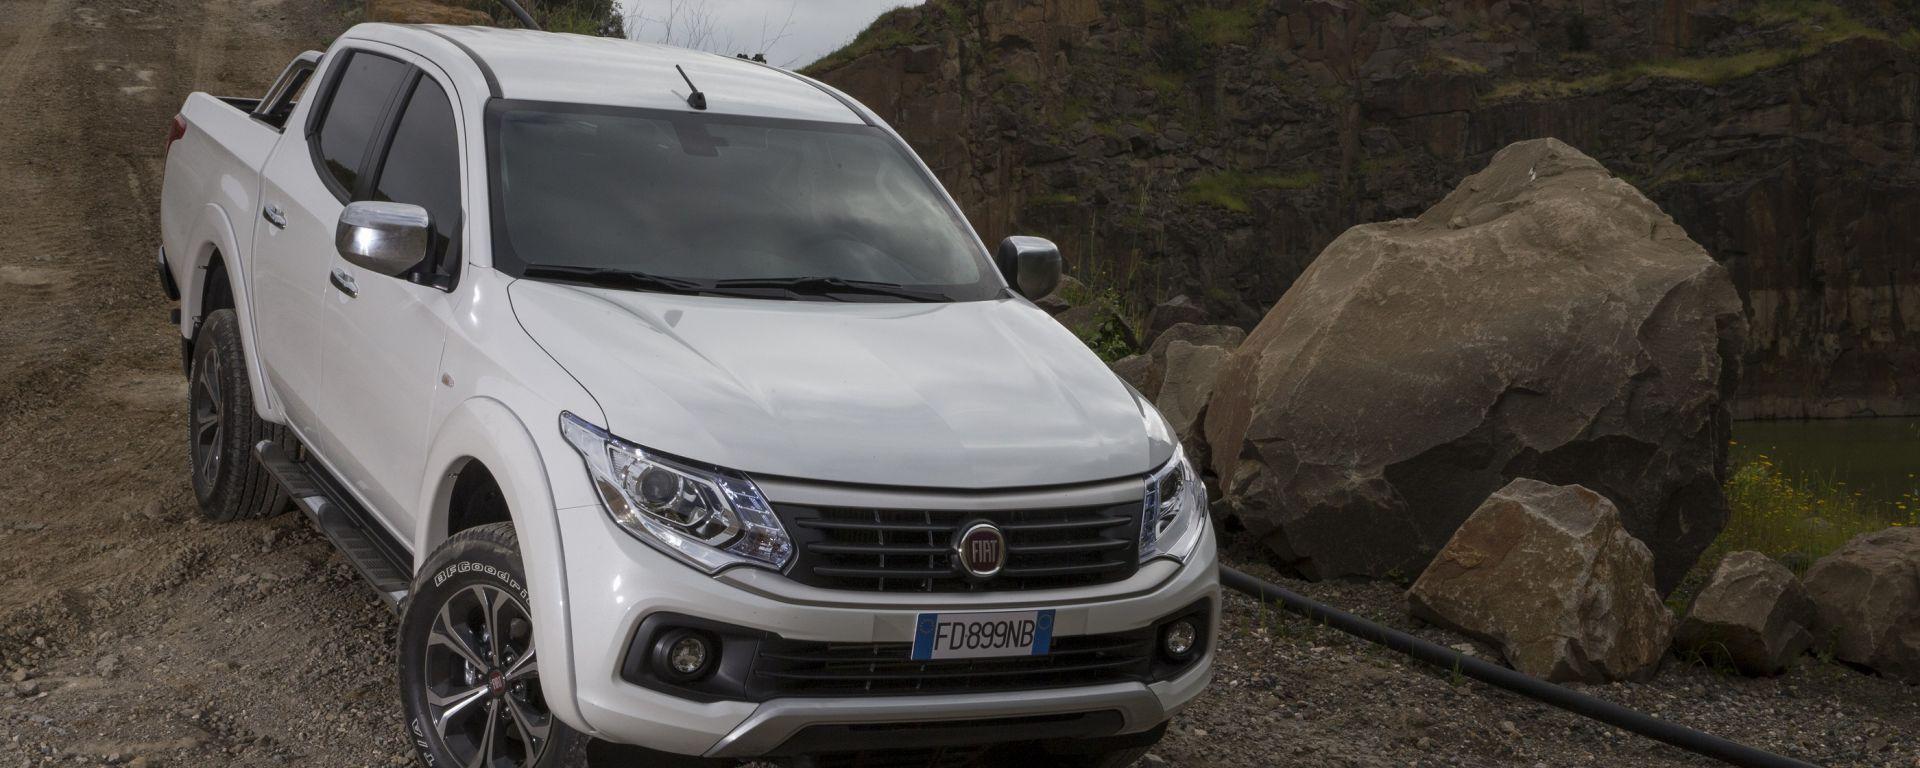 Fiat Fullback: com'è, quando arriva, quanto costa il pickup Fiat